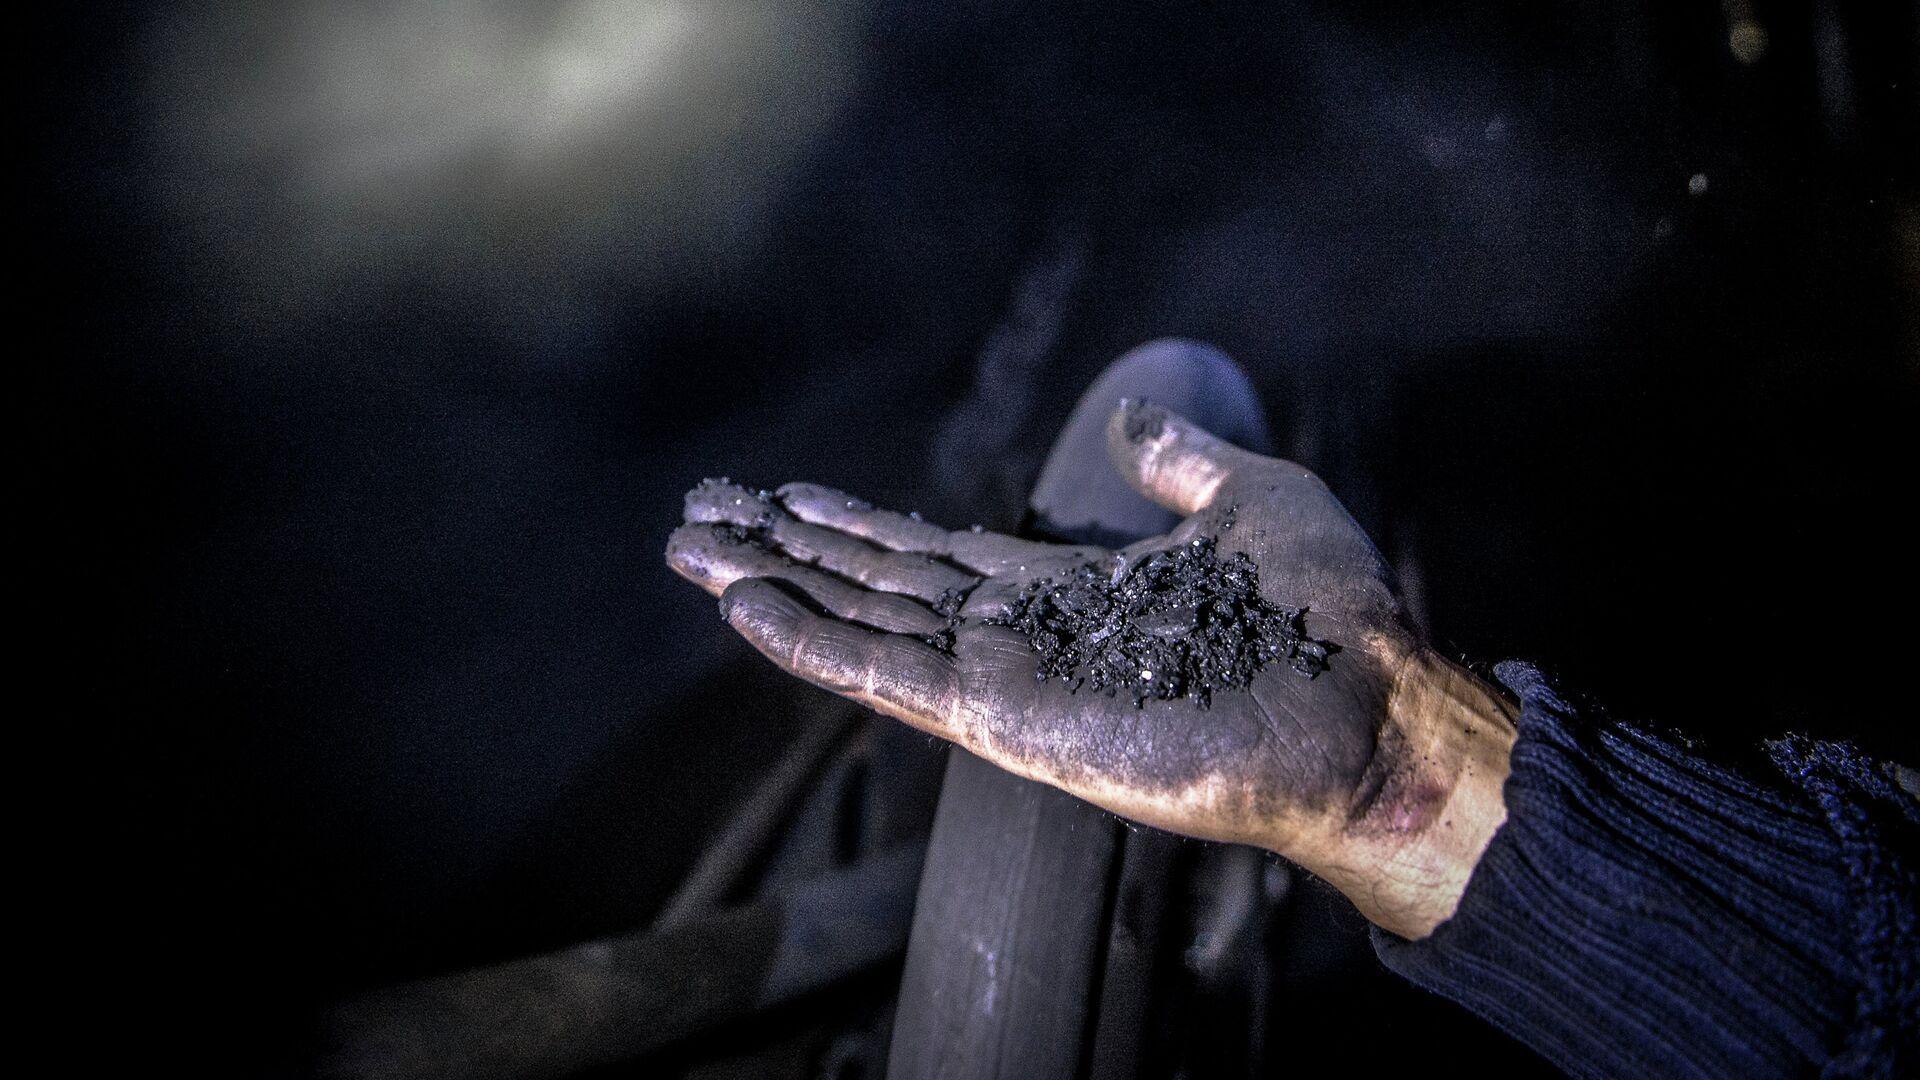 Шахтер показывает уголь. Архивное фото - Sputnik Ўзбекистон, 1920, 28.09.2021